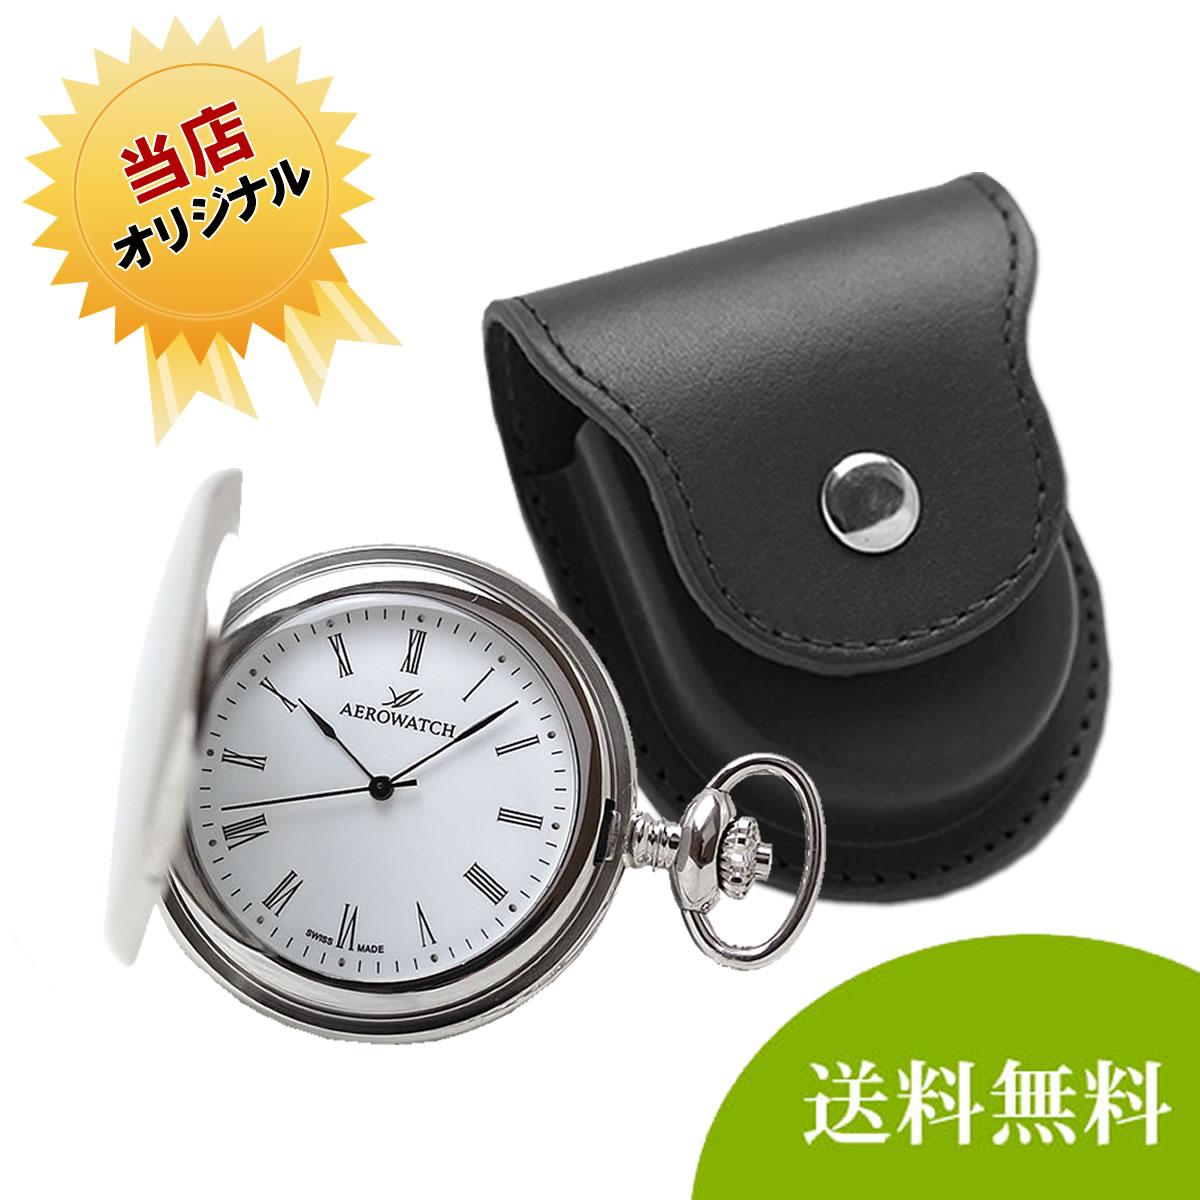 アエロ(AERO)クォーツ式懐中時計と正美堂オリジナル革ケース(ブラック) セット 04821AA02-SP408F-BK